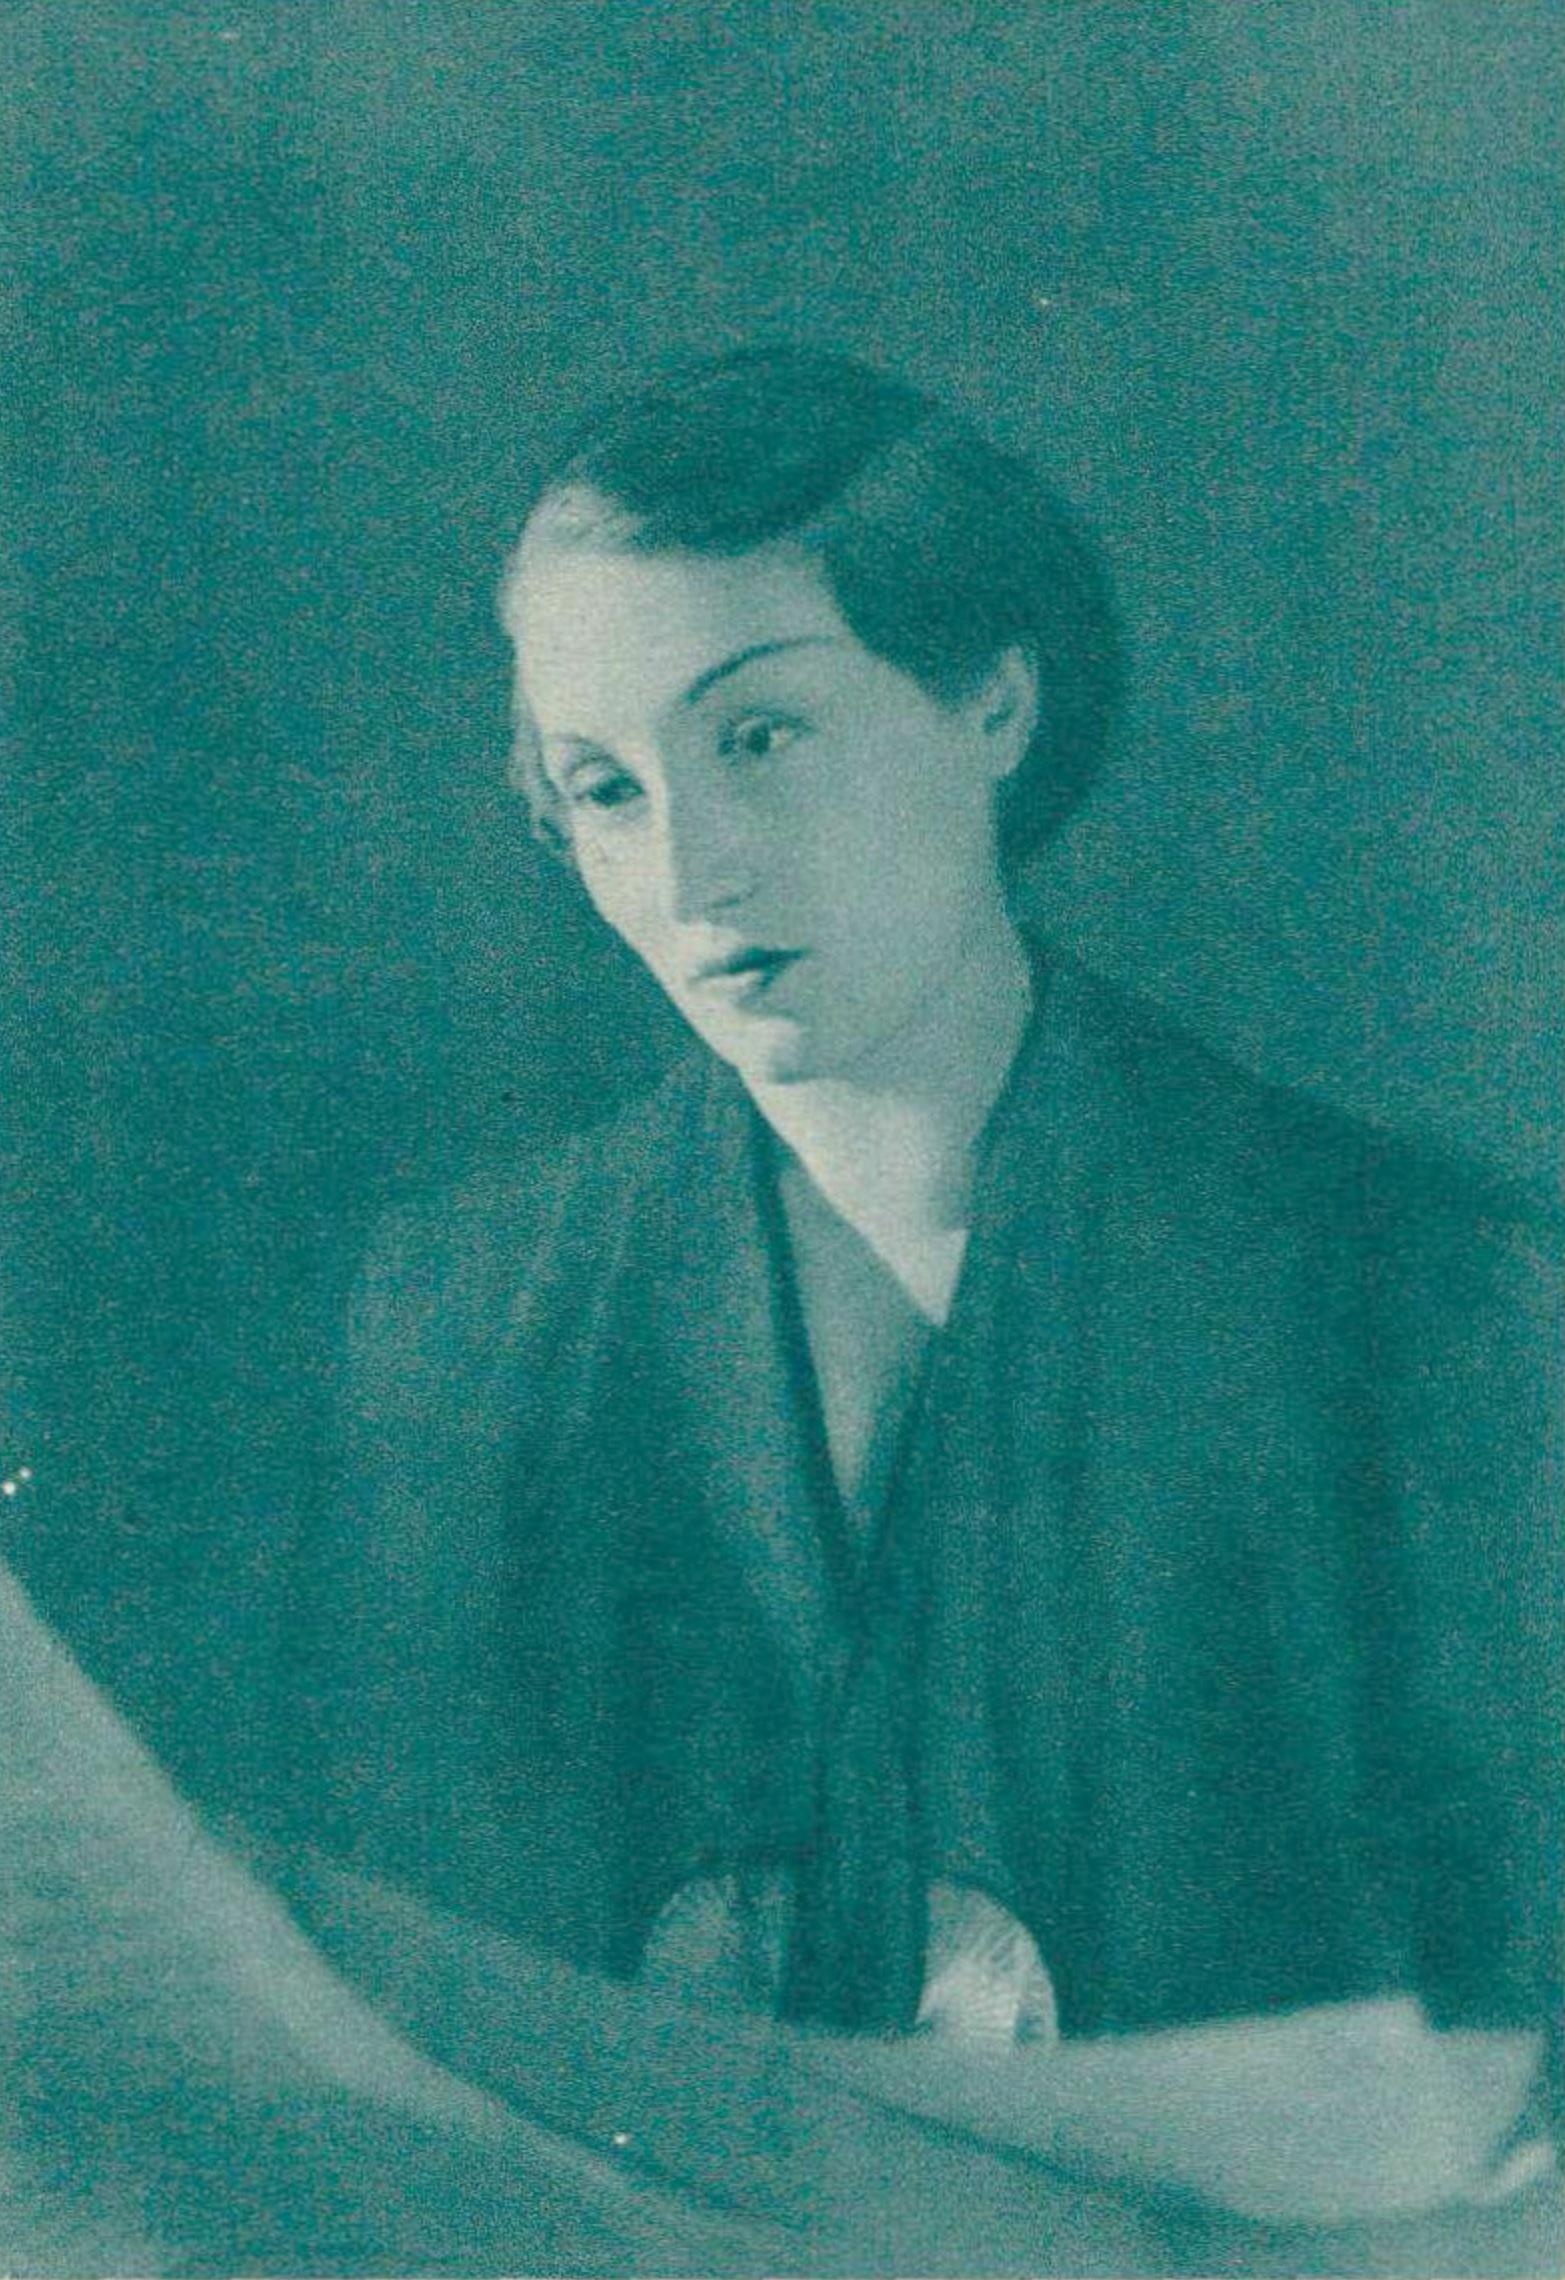 Jacqueline BLANCARD dans les années 1930, un portrait fait par Boris Lipnitzki, publié entre autres dans la revue Le Radio du 10 juin 1938 en page 910, Cliquer sur la photo pour une vue agrandie et les références